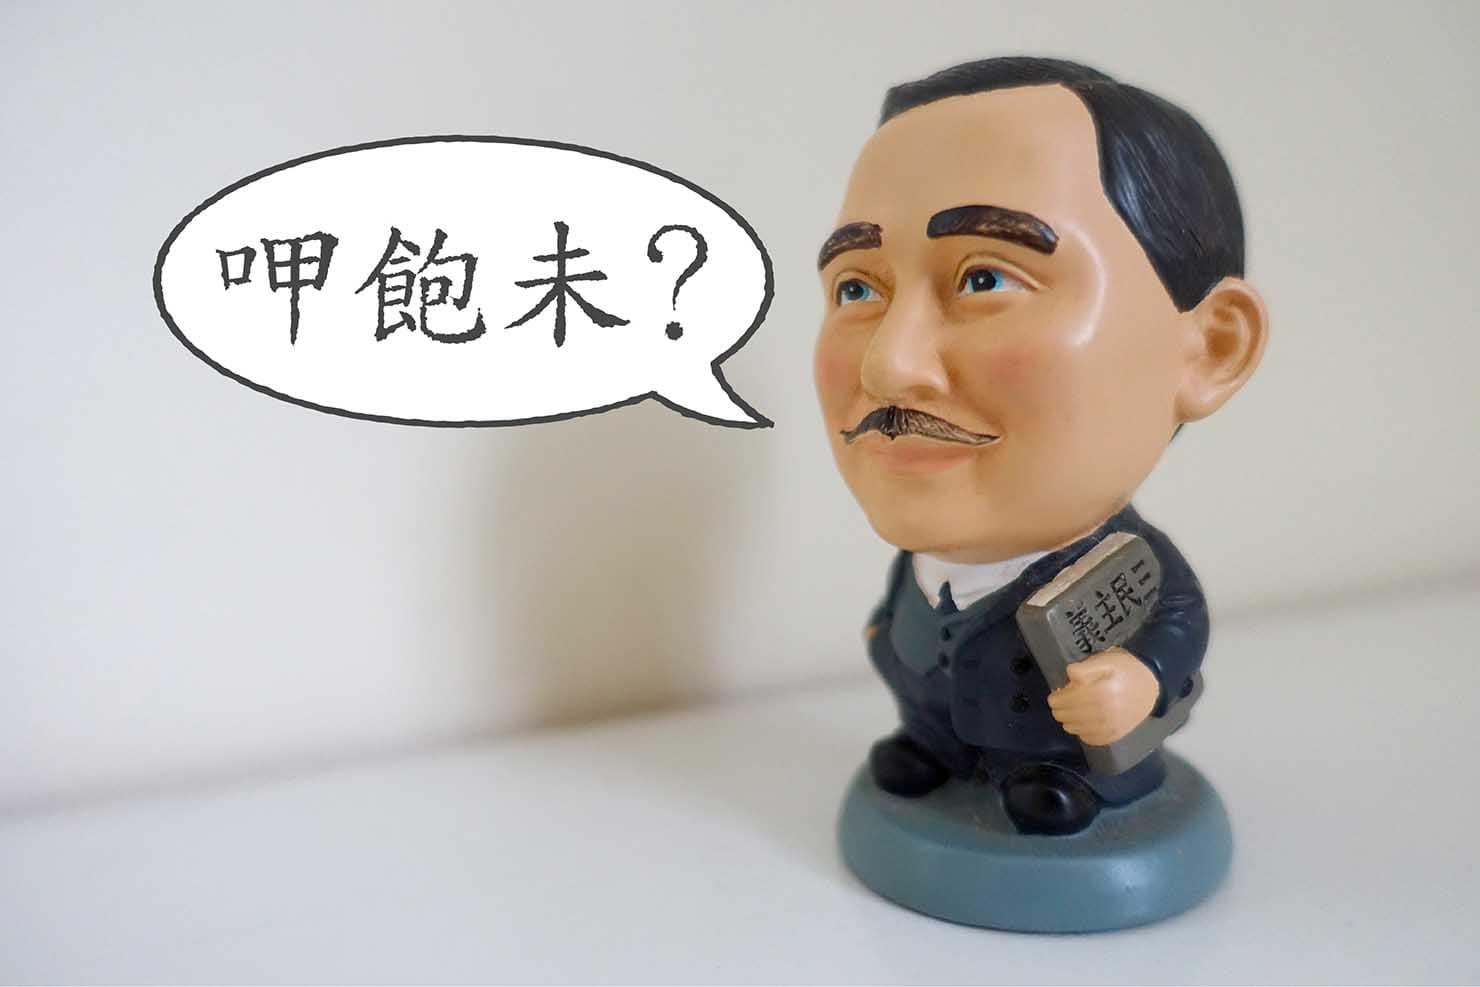 台湾でよく使われる中国語の挨拶「呷飽未(ジャッバーボェ / ごはんは食べましたか)」